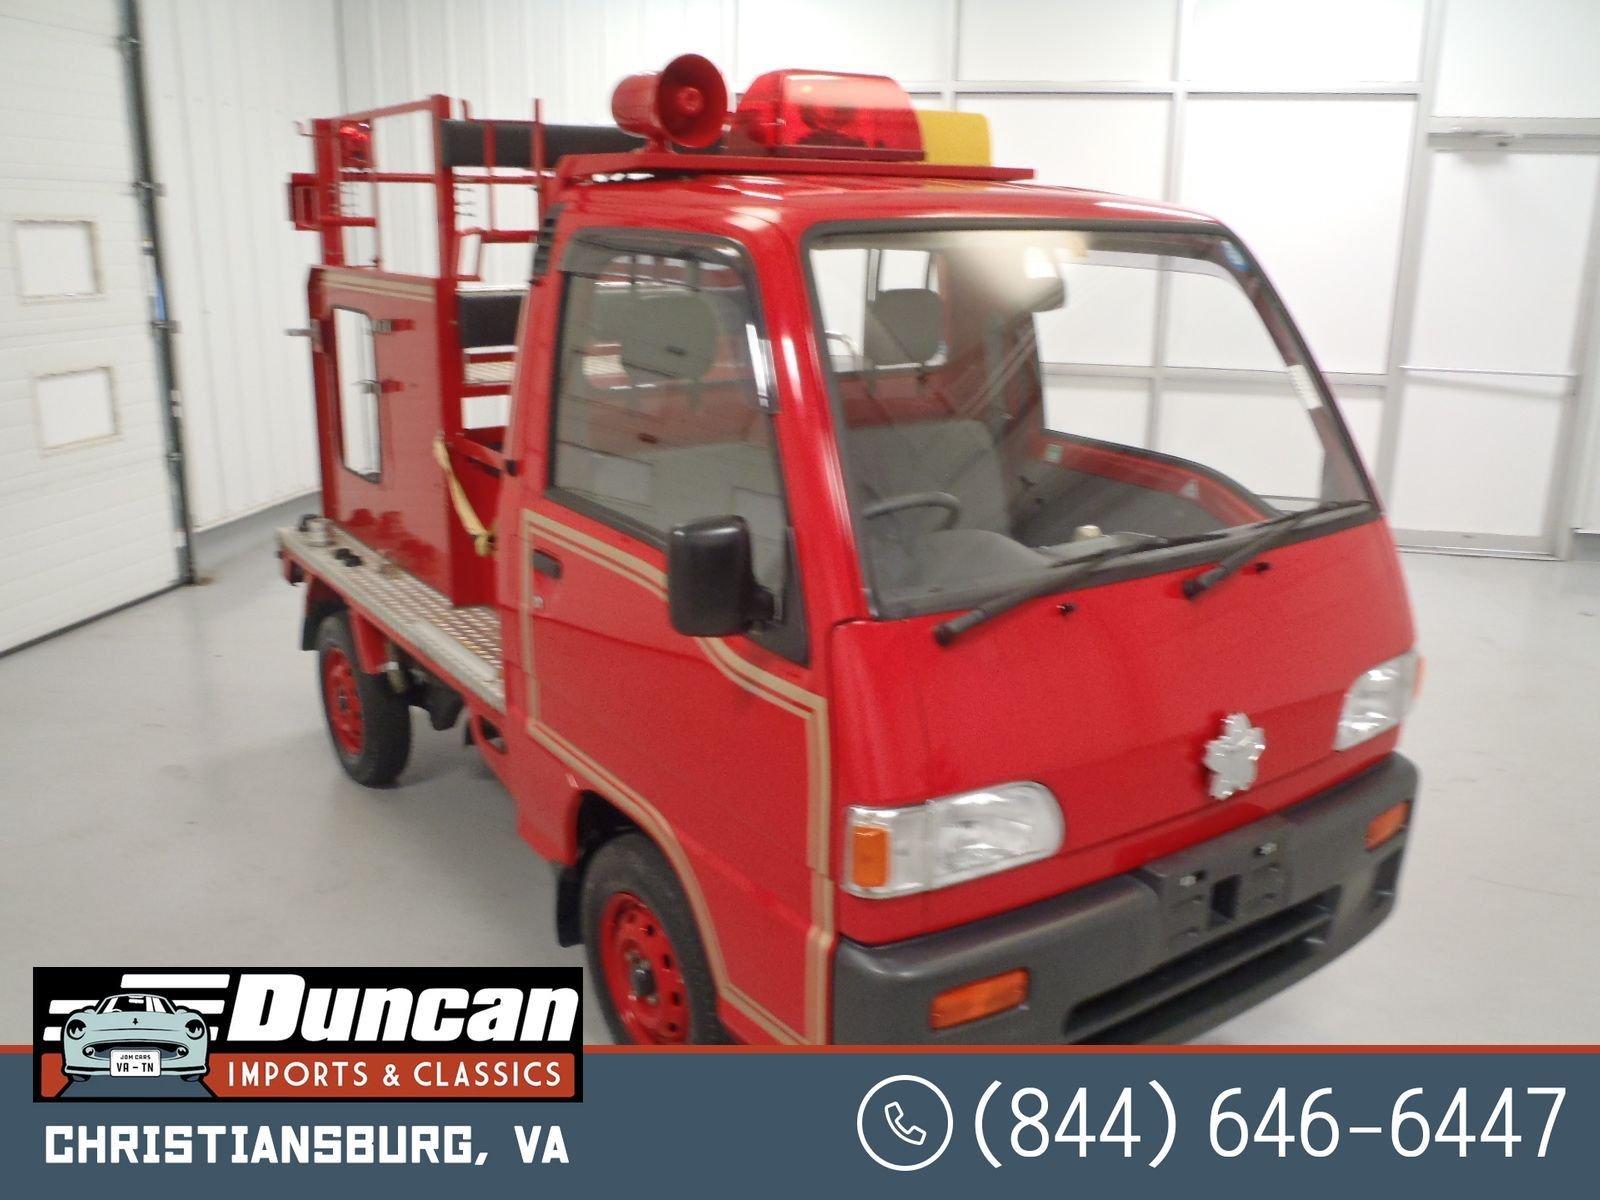 1994 subaru sambar firetruck 4wd